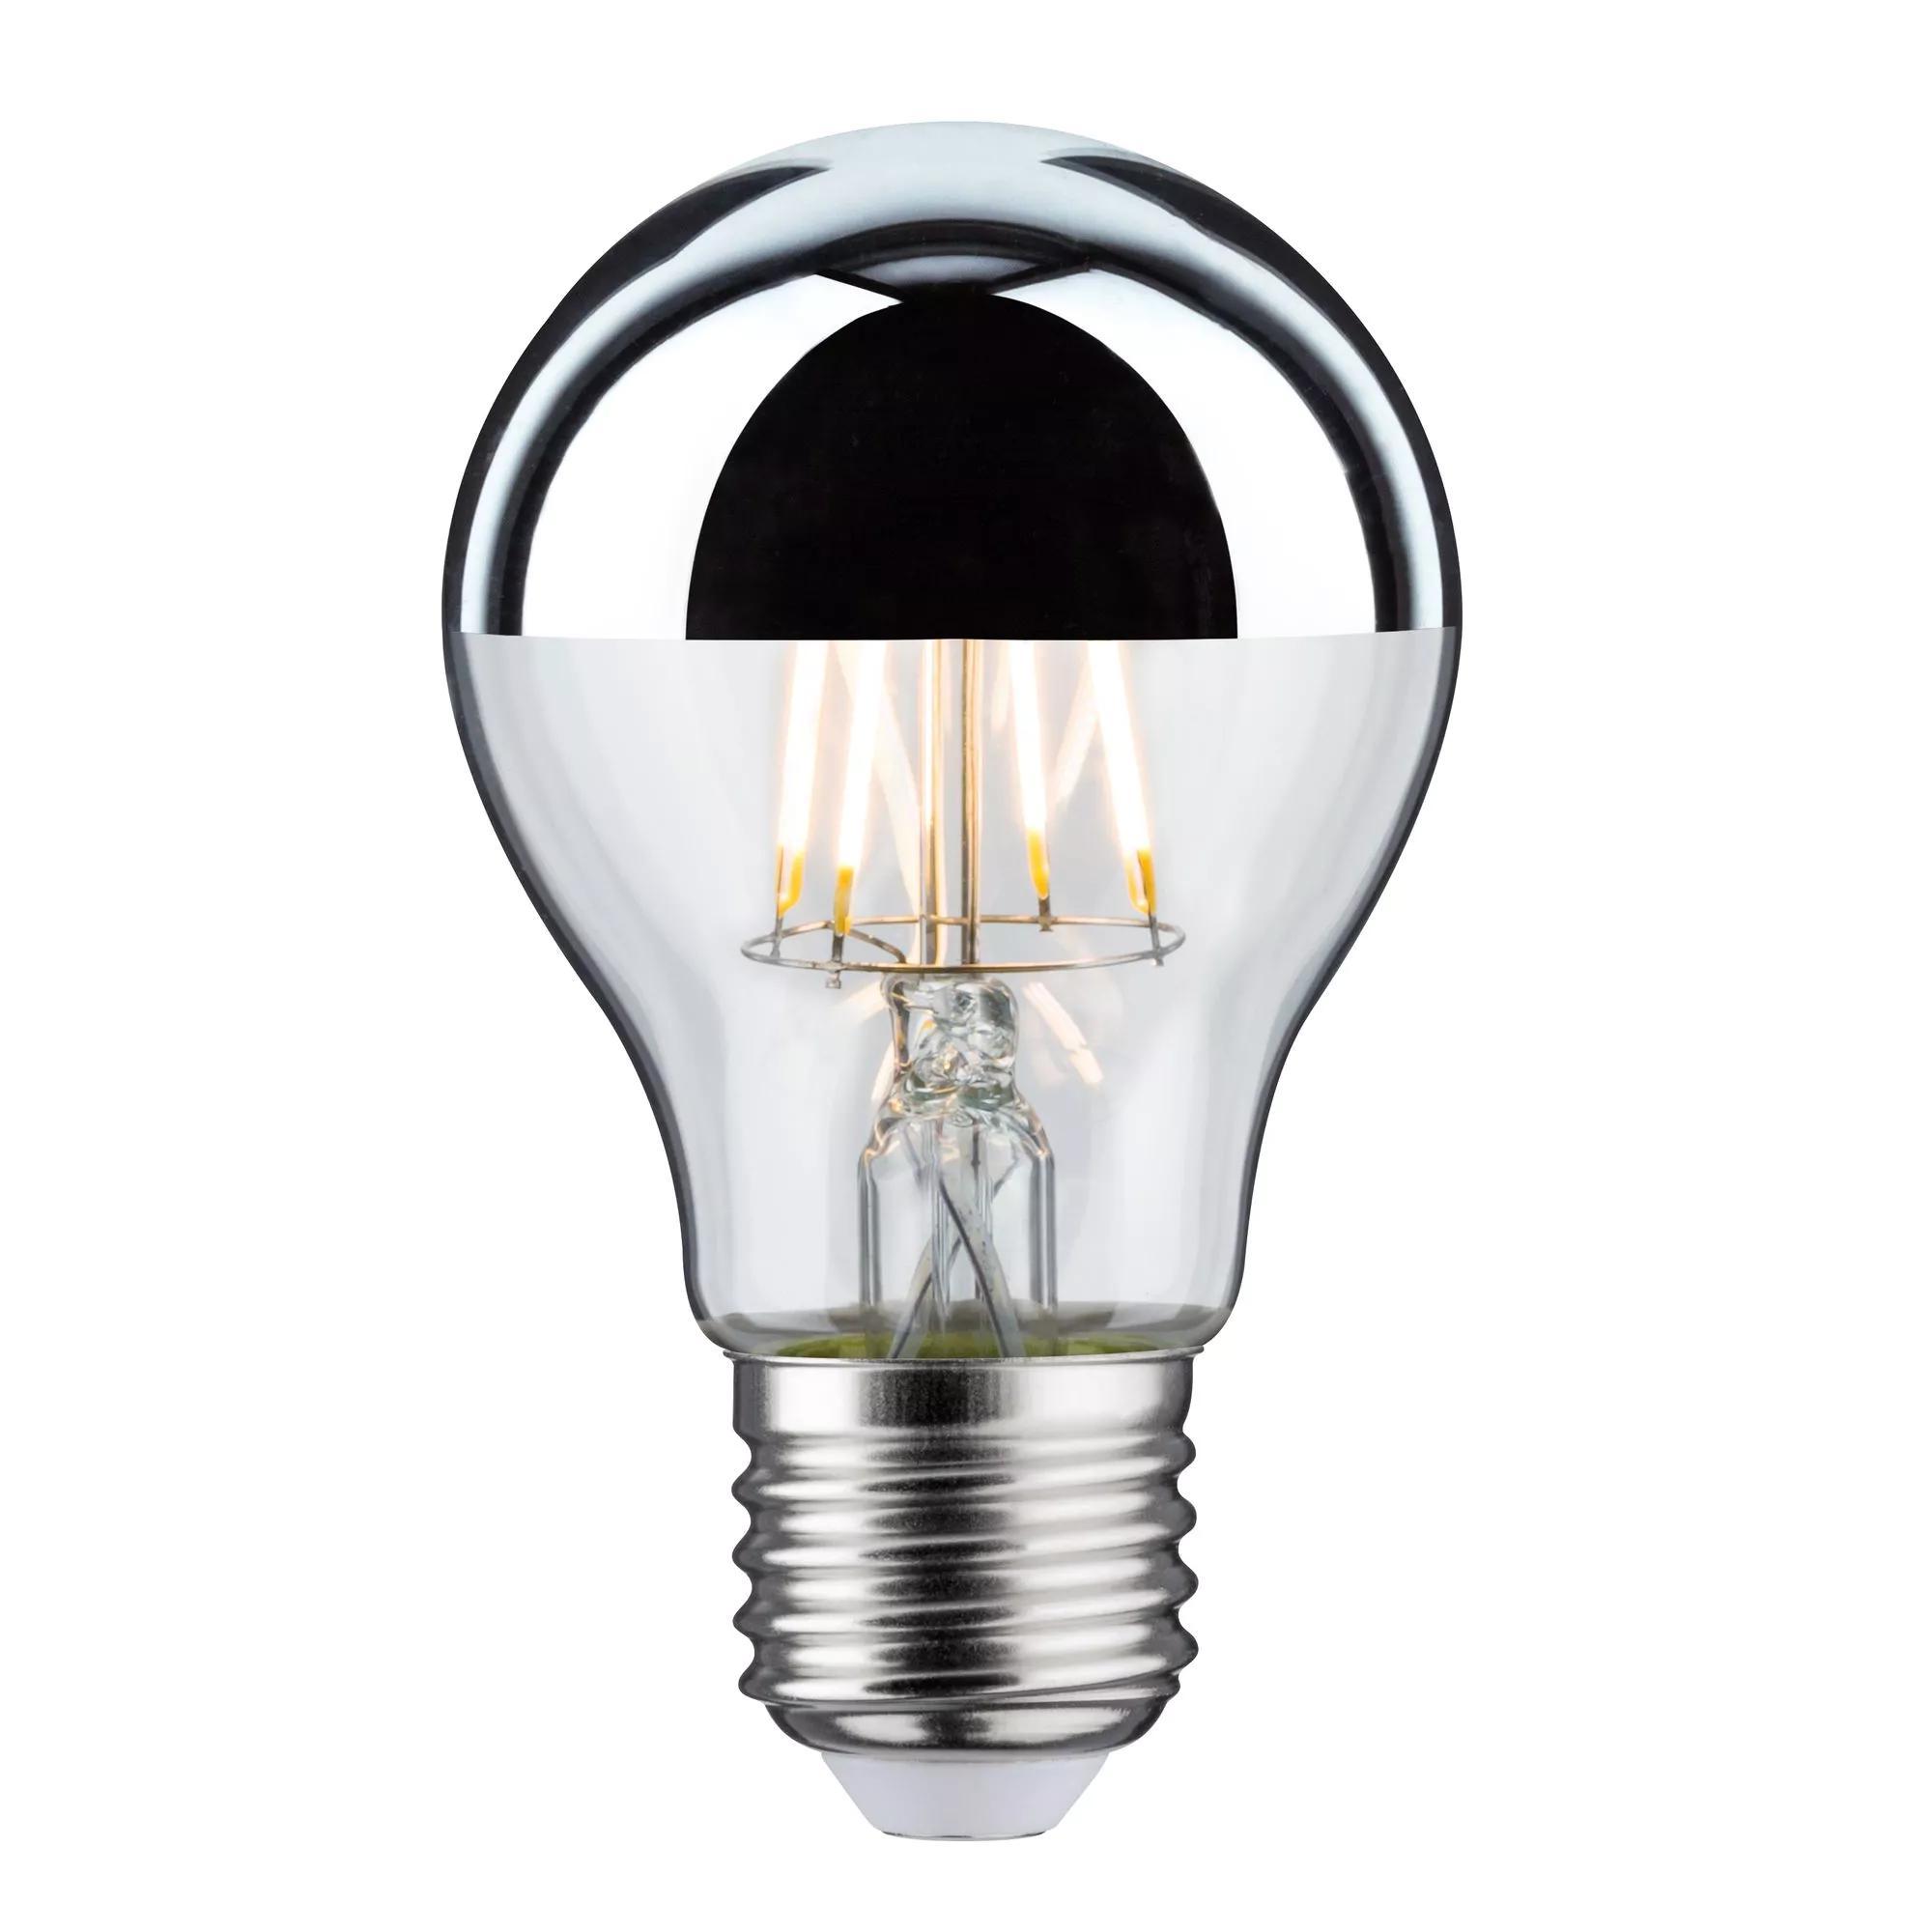 Paulmann LED Kopfspiegellampe E27 6,5W 48W 600 lm silber ...